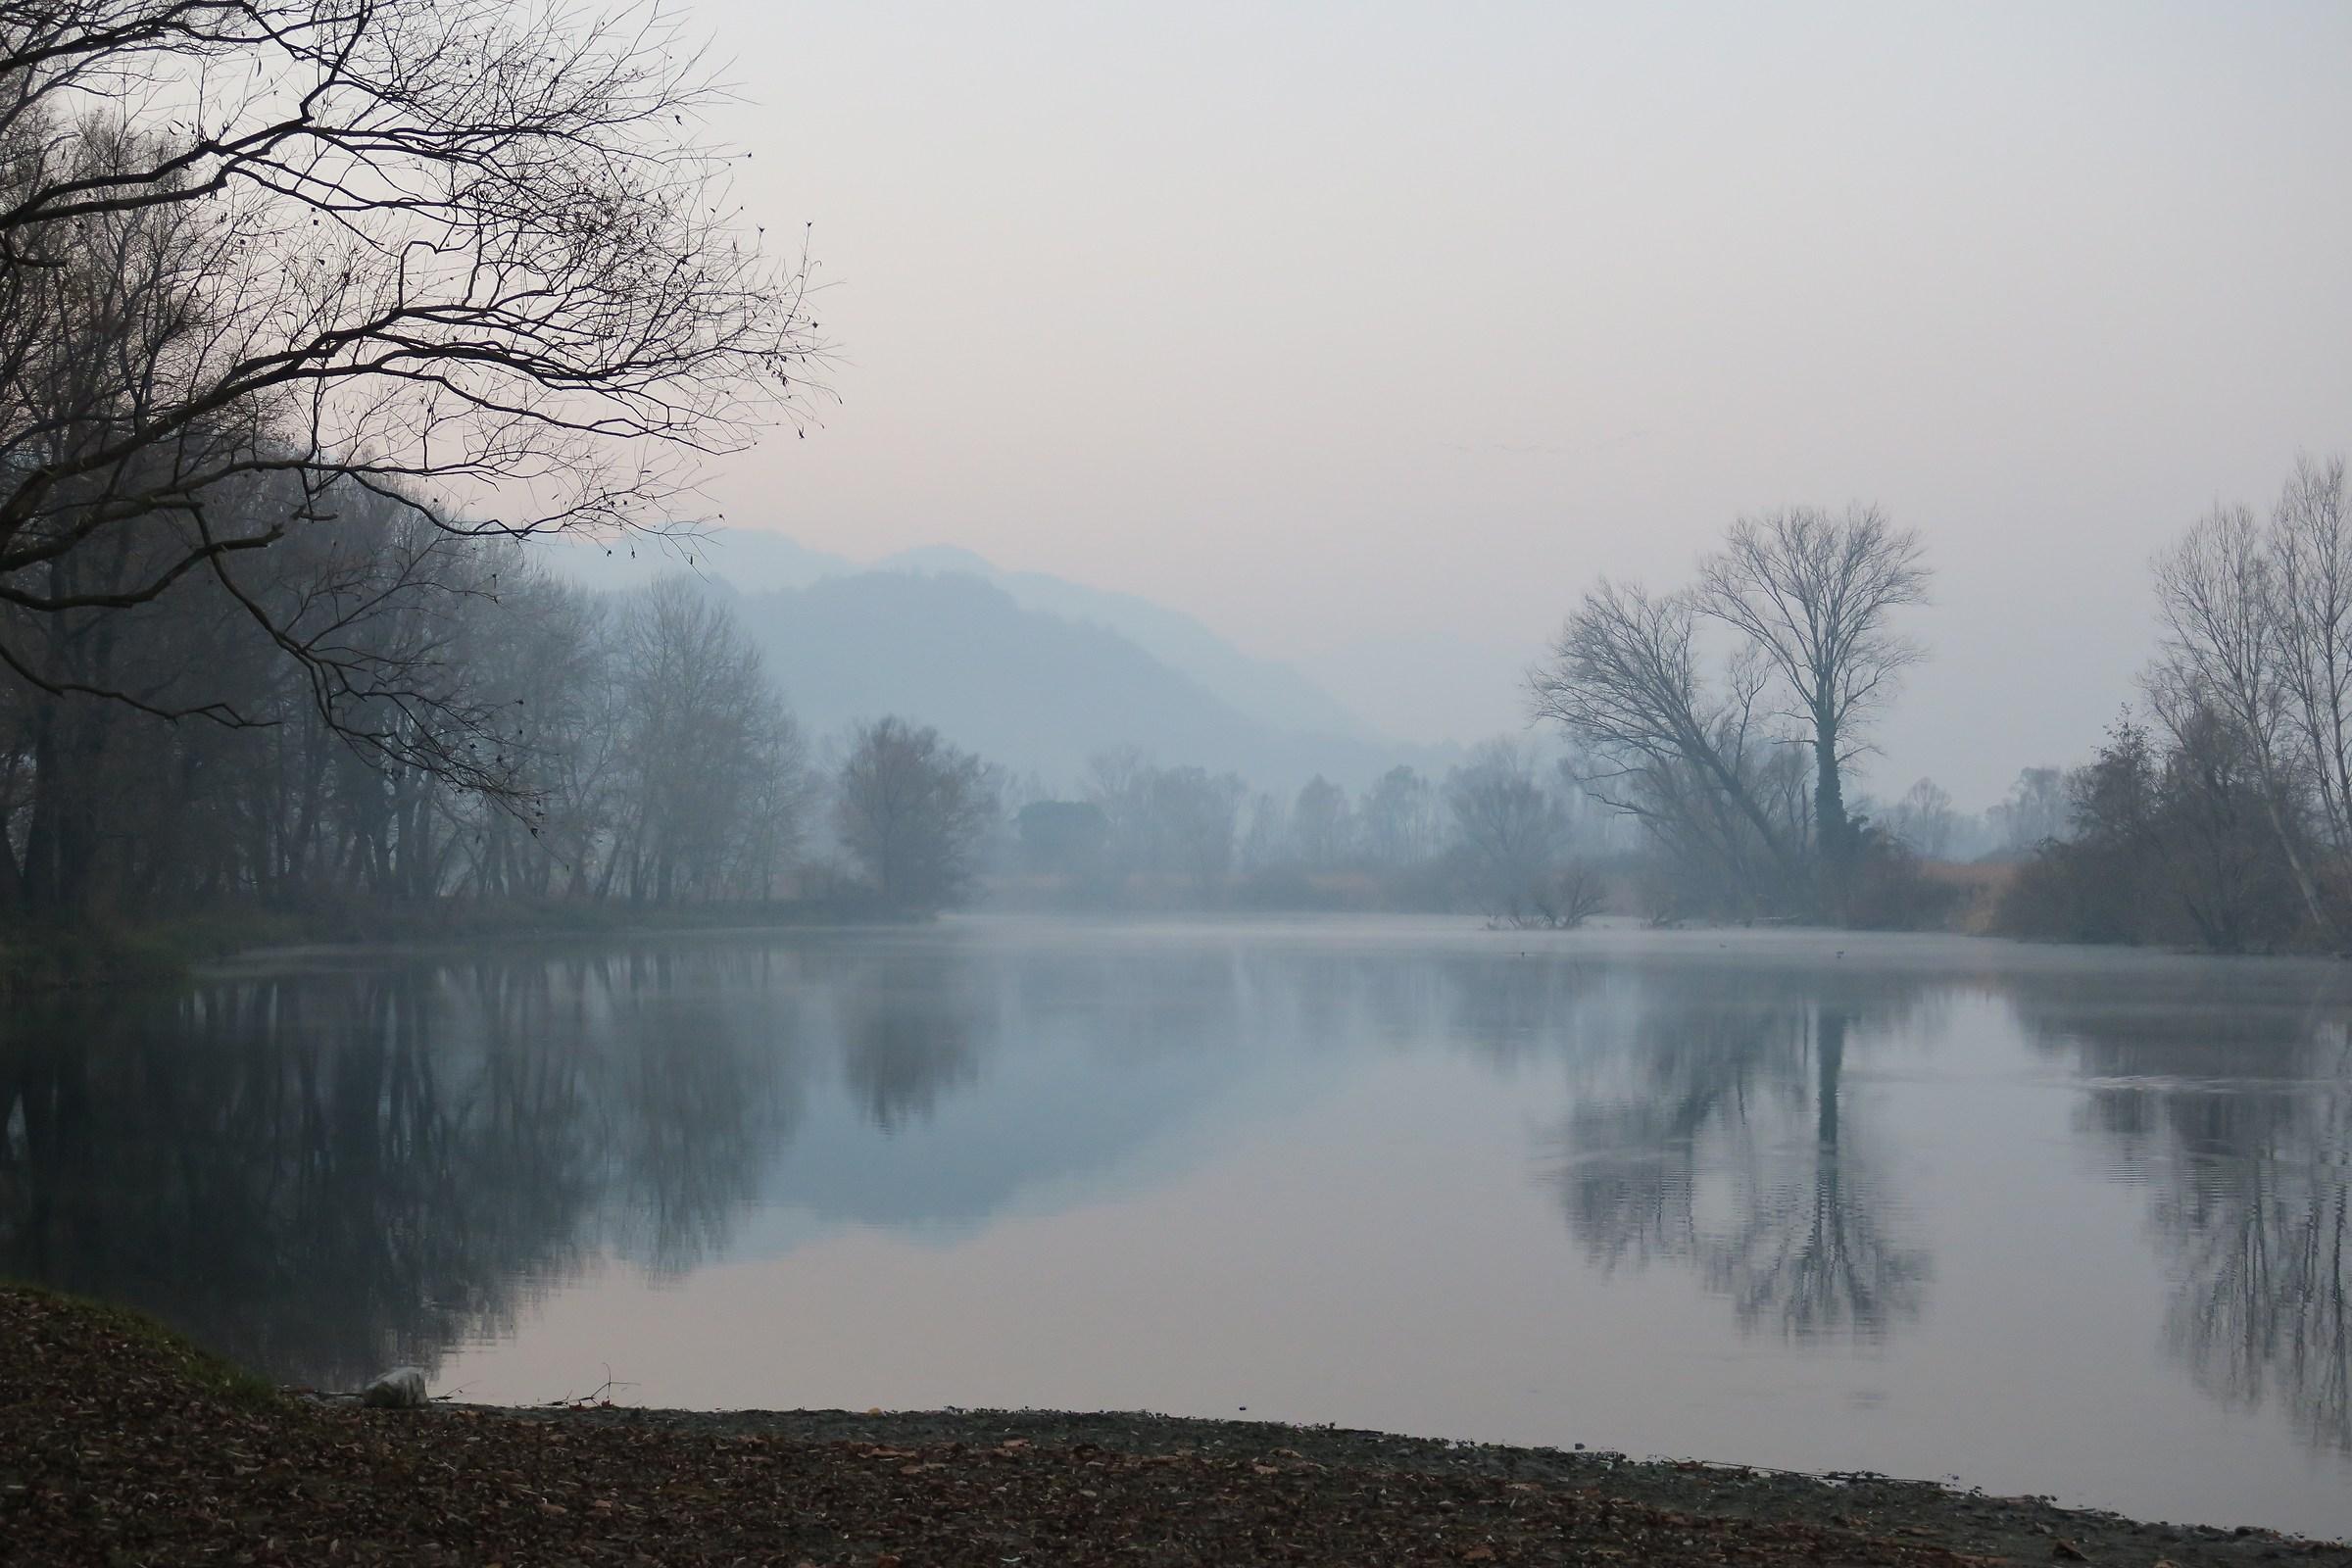 Adda, nebbiolina sul fiume...